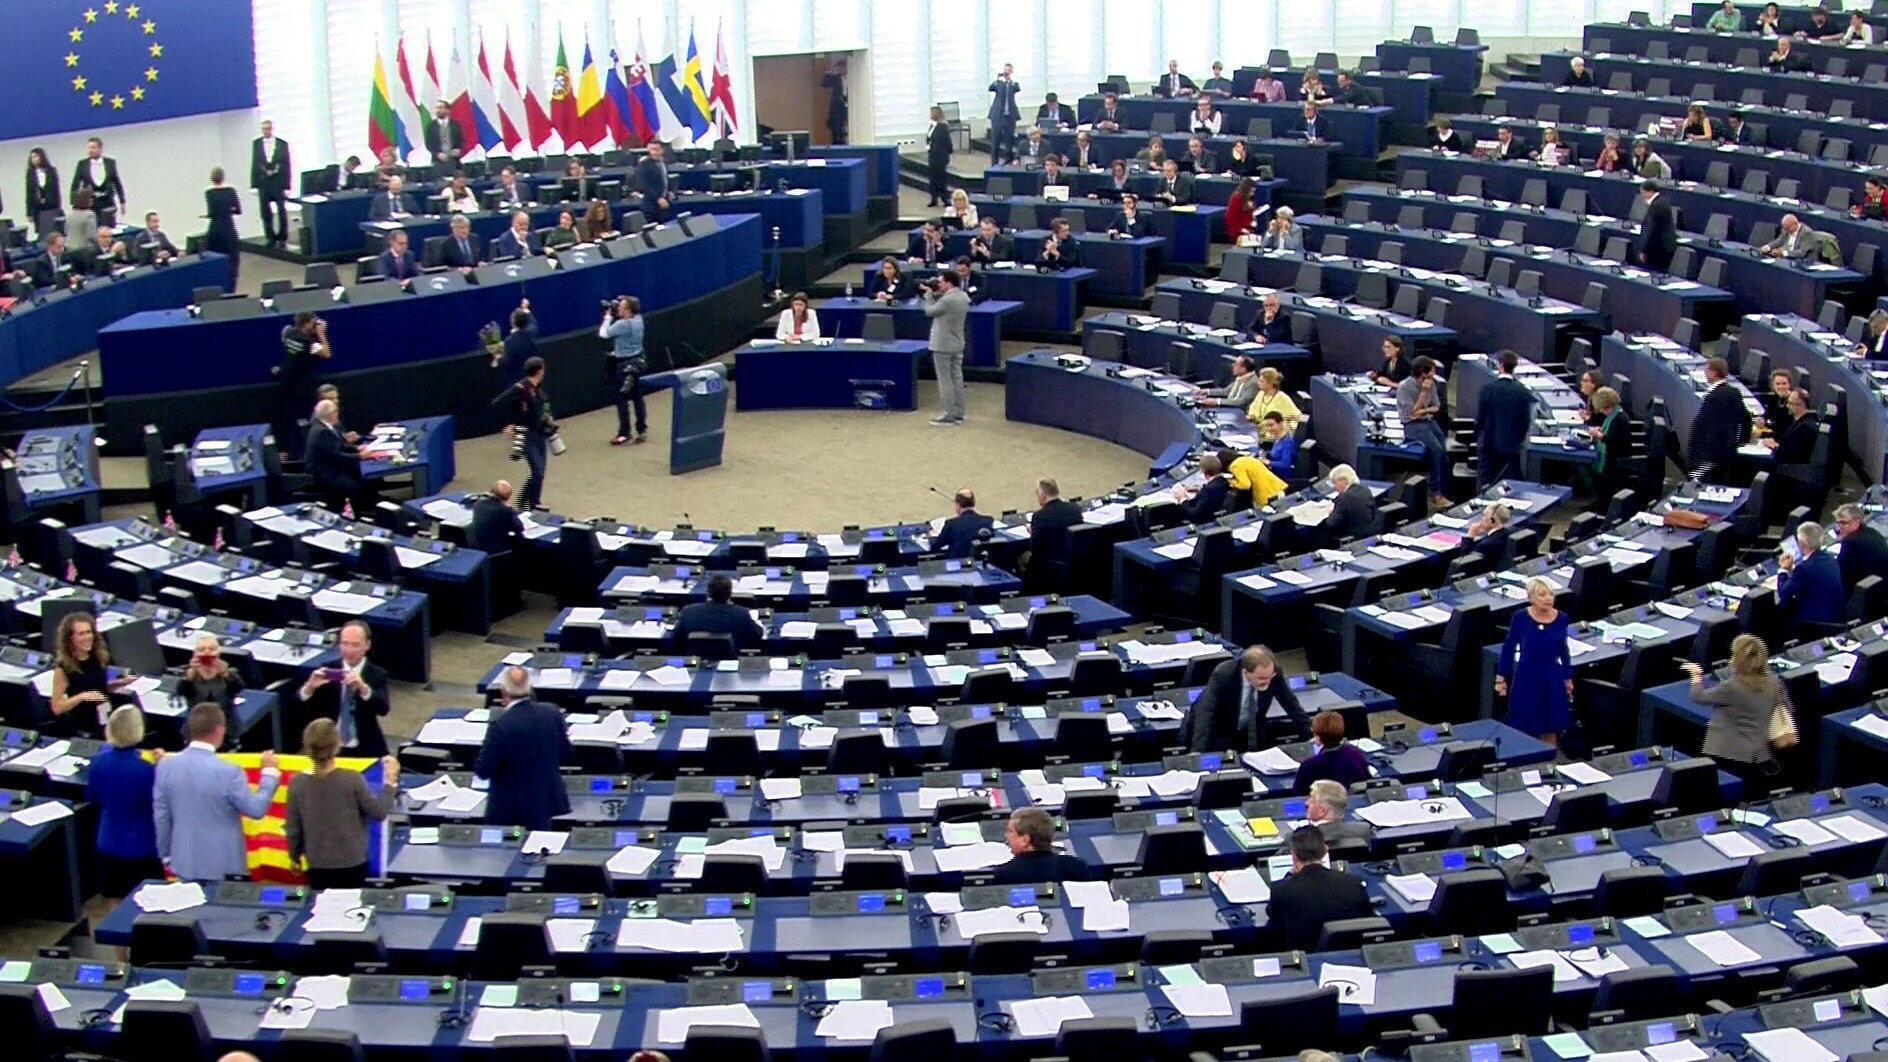 Nghị Viện Châu Âu, tại Strasbourg (Pháp), thảo luận về tình hình Catalunya, 0410/2017.